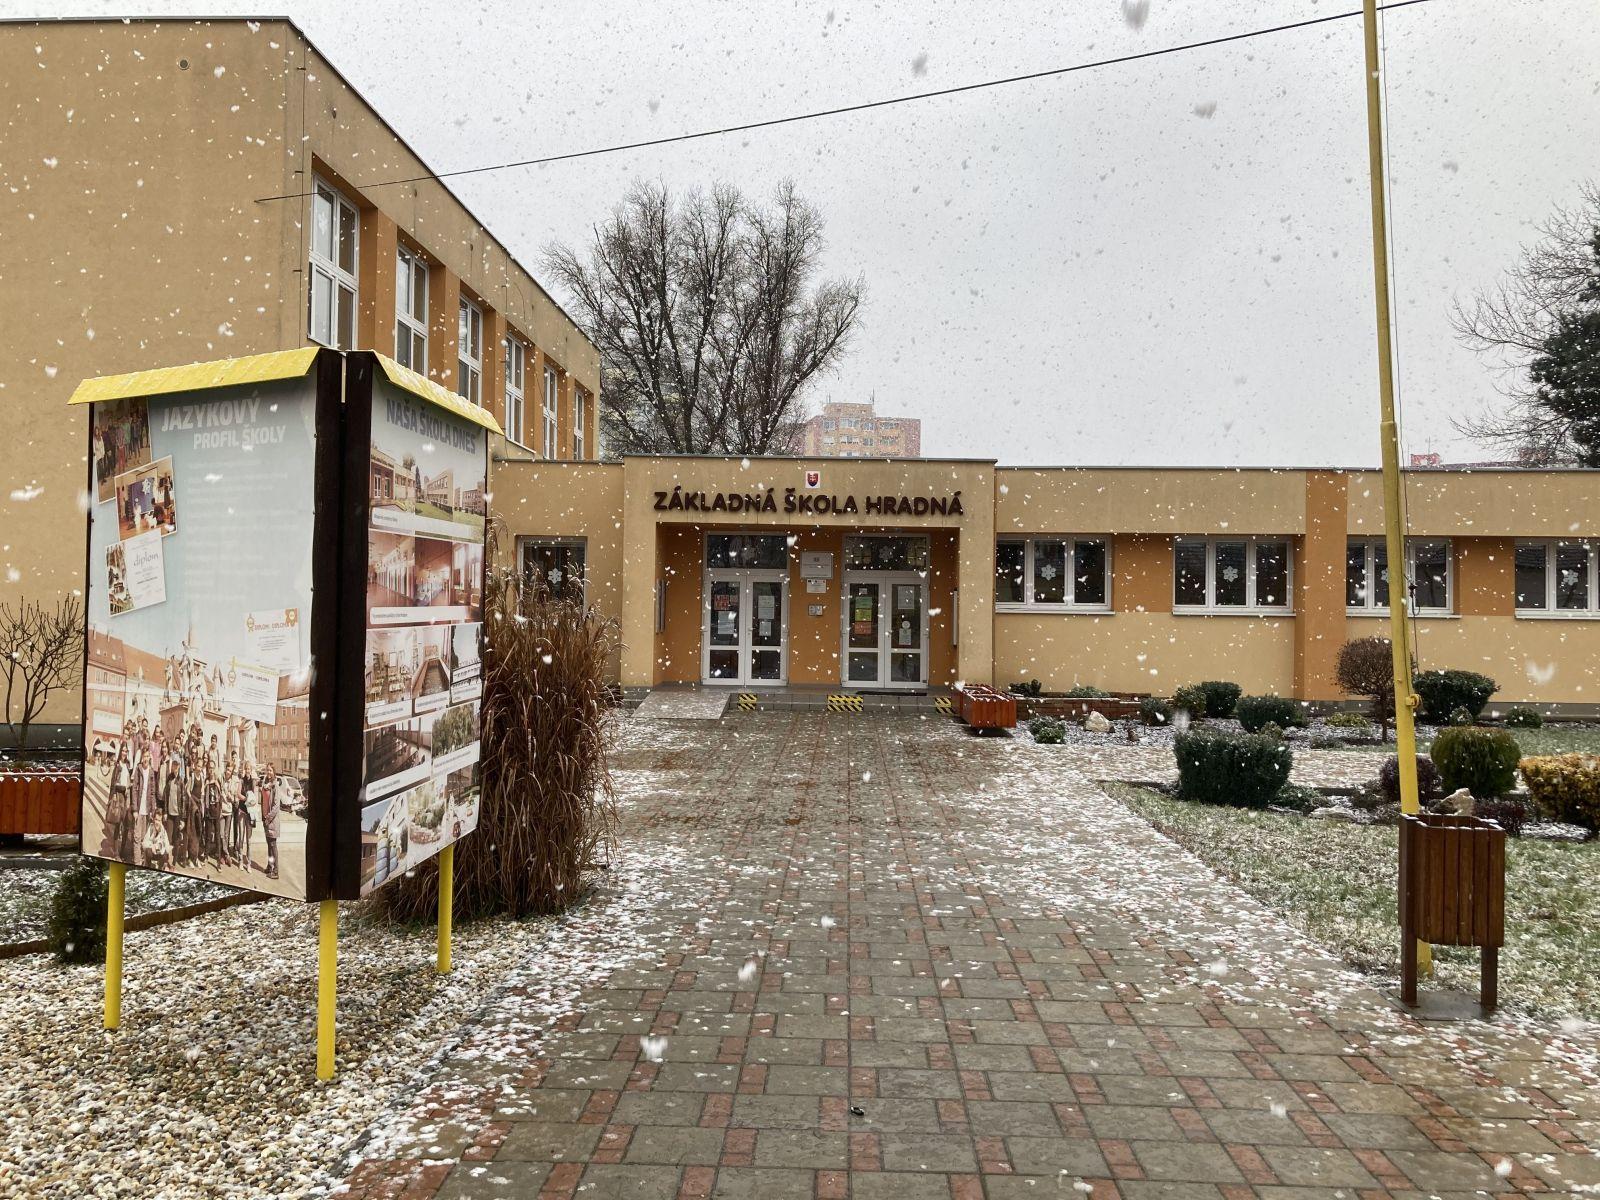 Niektoré školy po dlhej dobe konečne otvorili. Boli sme sa pozrieť v jednej z nich.